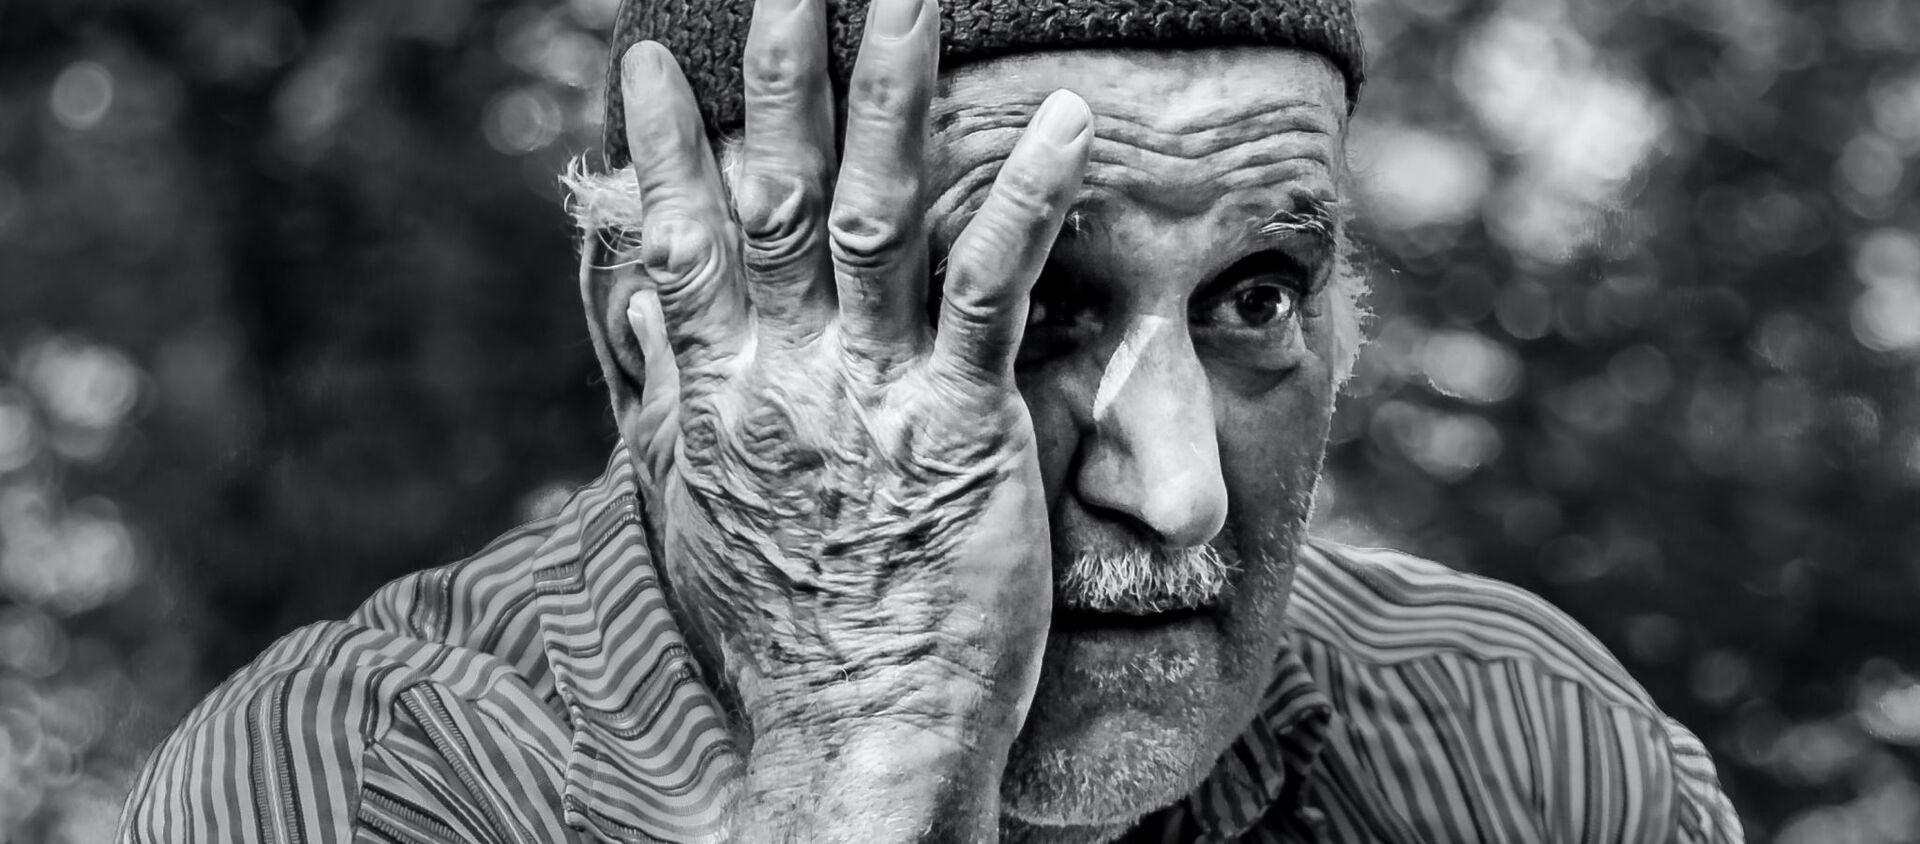 Un hombre mayor con una de las manos sobre el rostro - Sputnik Mundo, 1920, 03.08.2020